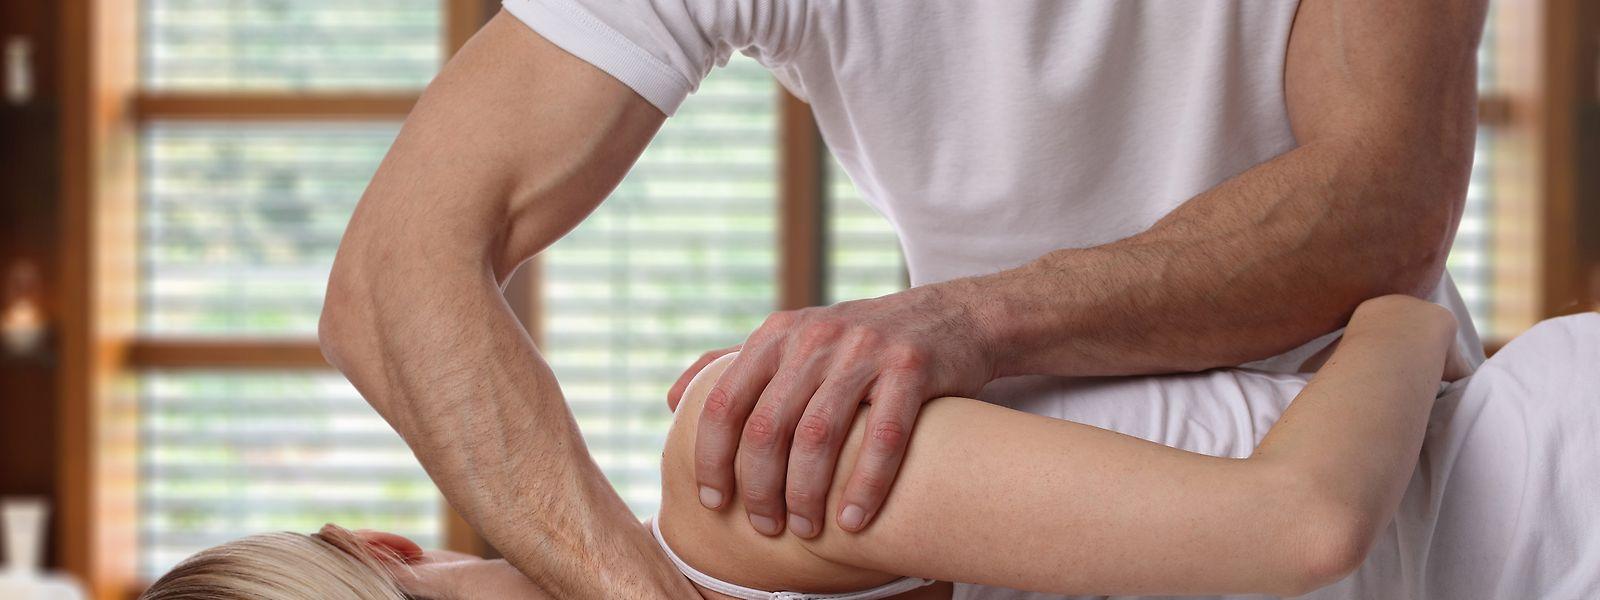 43% des résidents ont déjà fait appel au savoir-faire d'un ostéopathe au Luxembourg selon un récent sondage de l'Association luxembourgeoise des ostéopathes (ALDO).